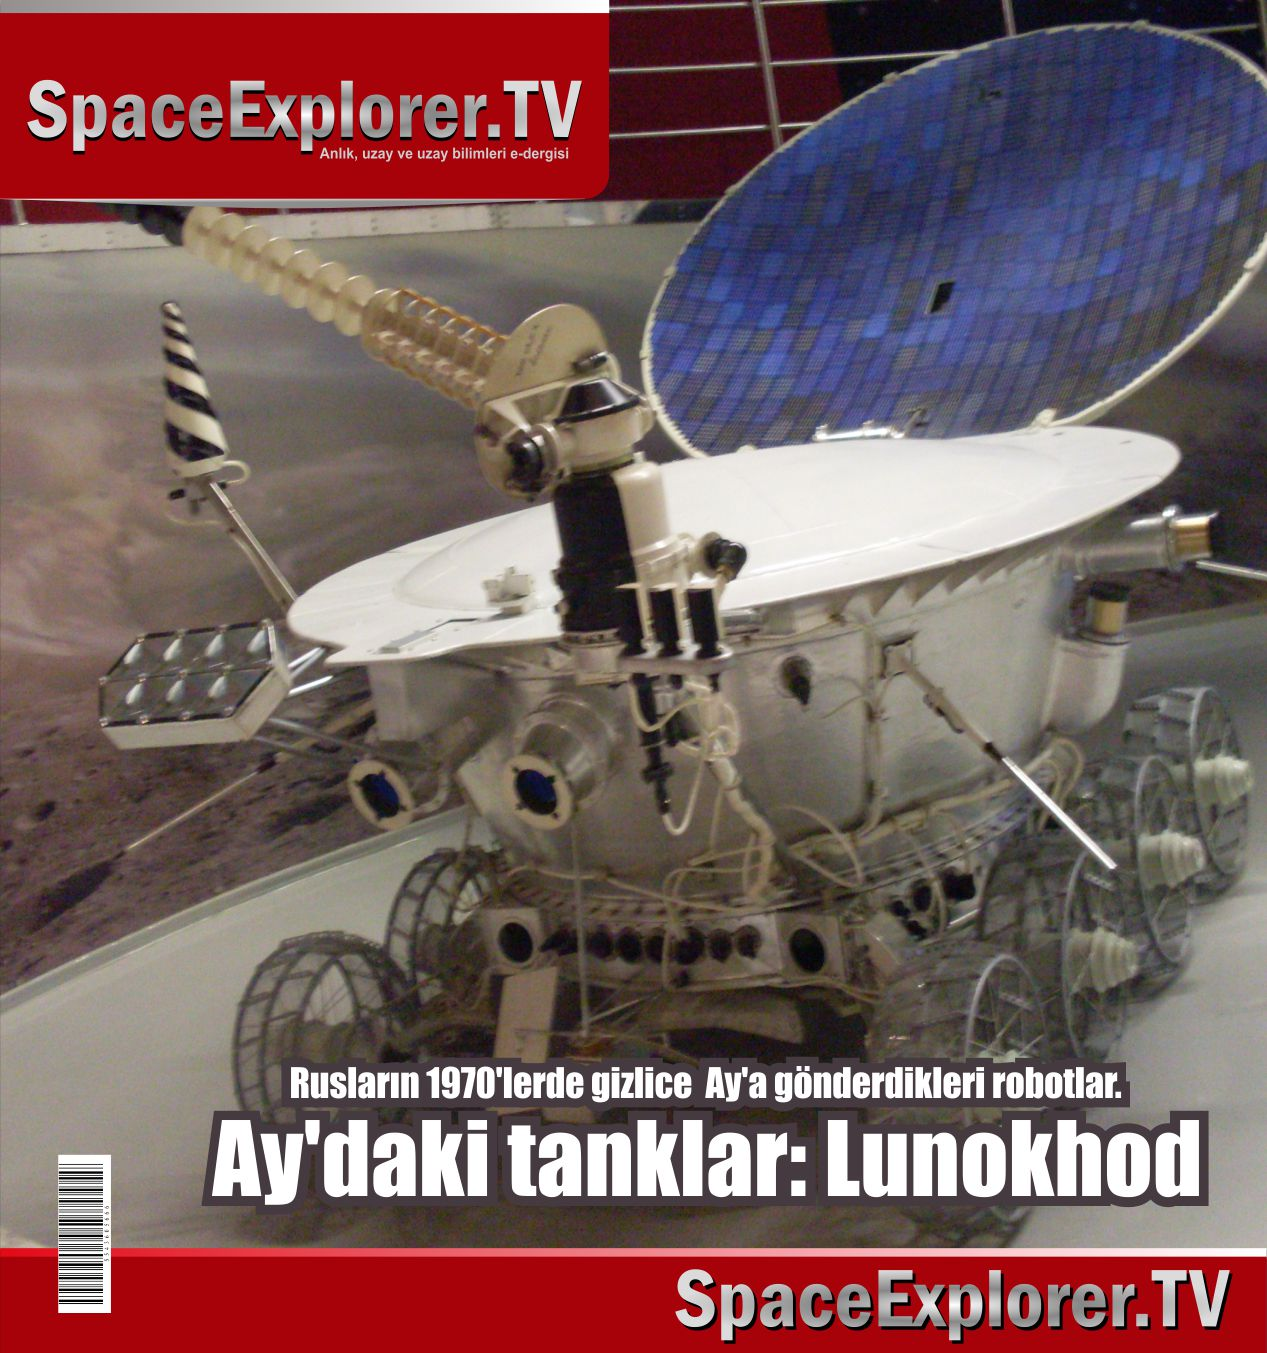 Uzaya gönderilen robotlar, Rusya, SSCB, Ay, Space Explorer, Gizlenen gerçekler, Ay'a bir daha neden gitmediler, Lunakod, Videolar, Belgeseller,